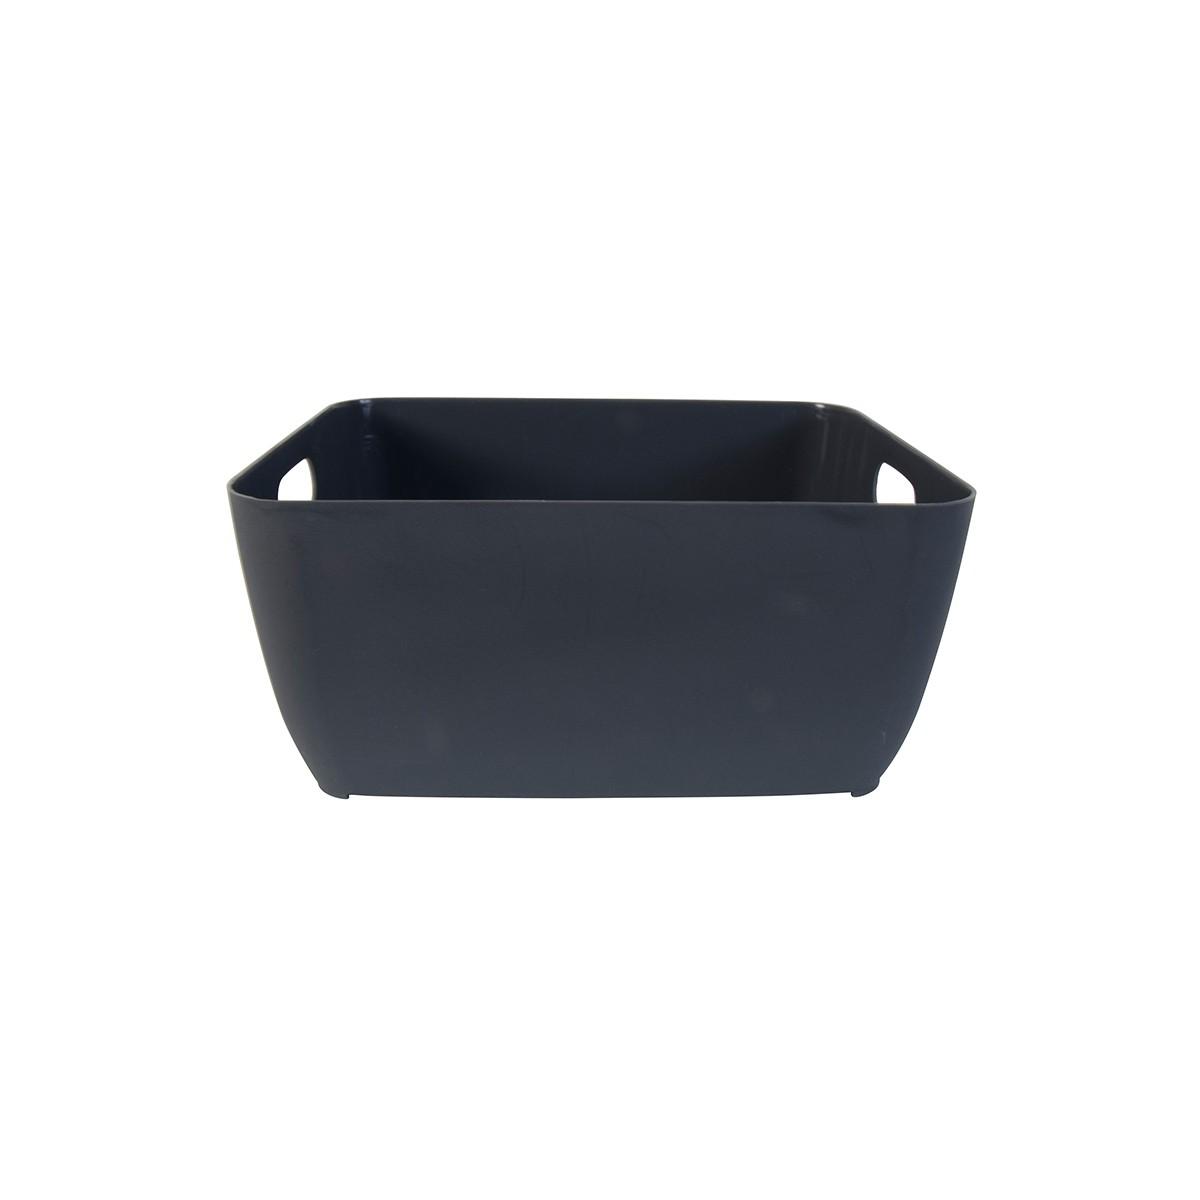 Κουτί Αποθήκευσης Spirella Store Box Small 05041.001 Dark